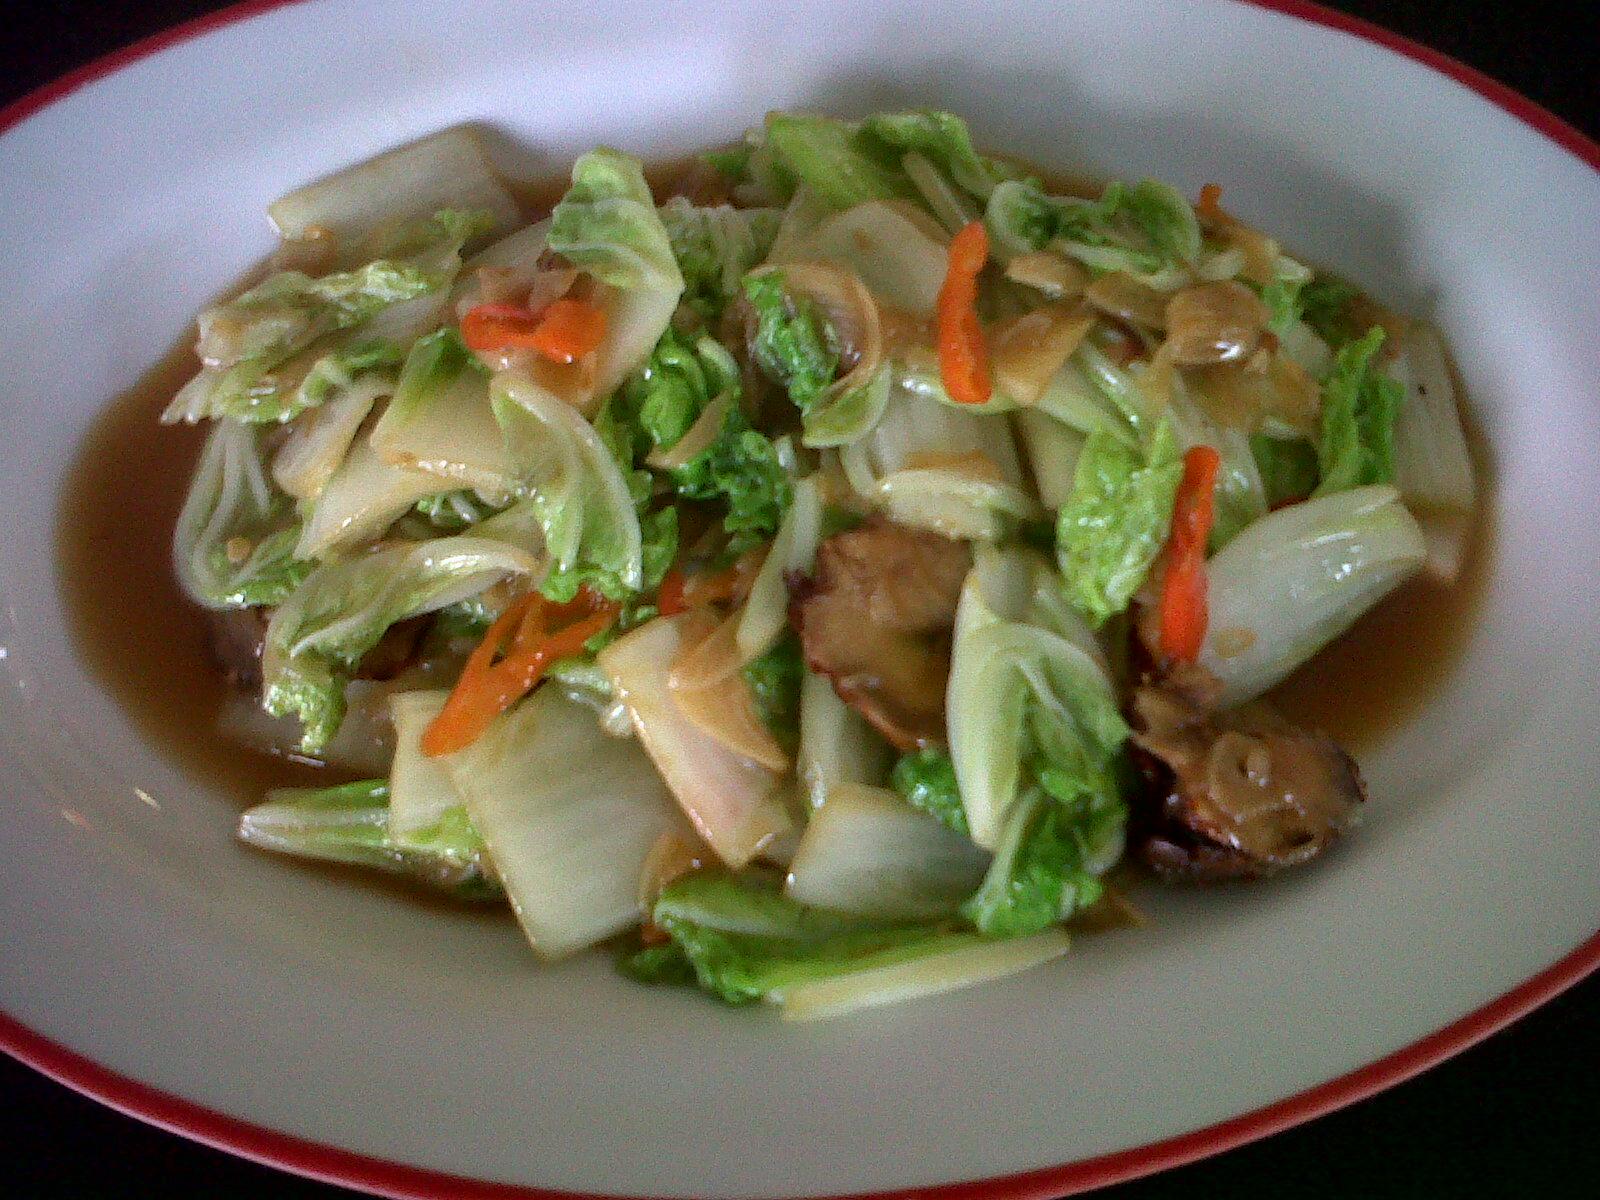 resep masakan cara membuat sayur sawi campur ayam